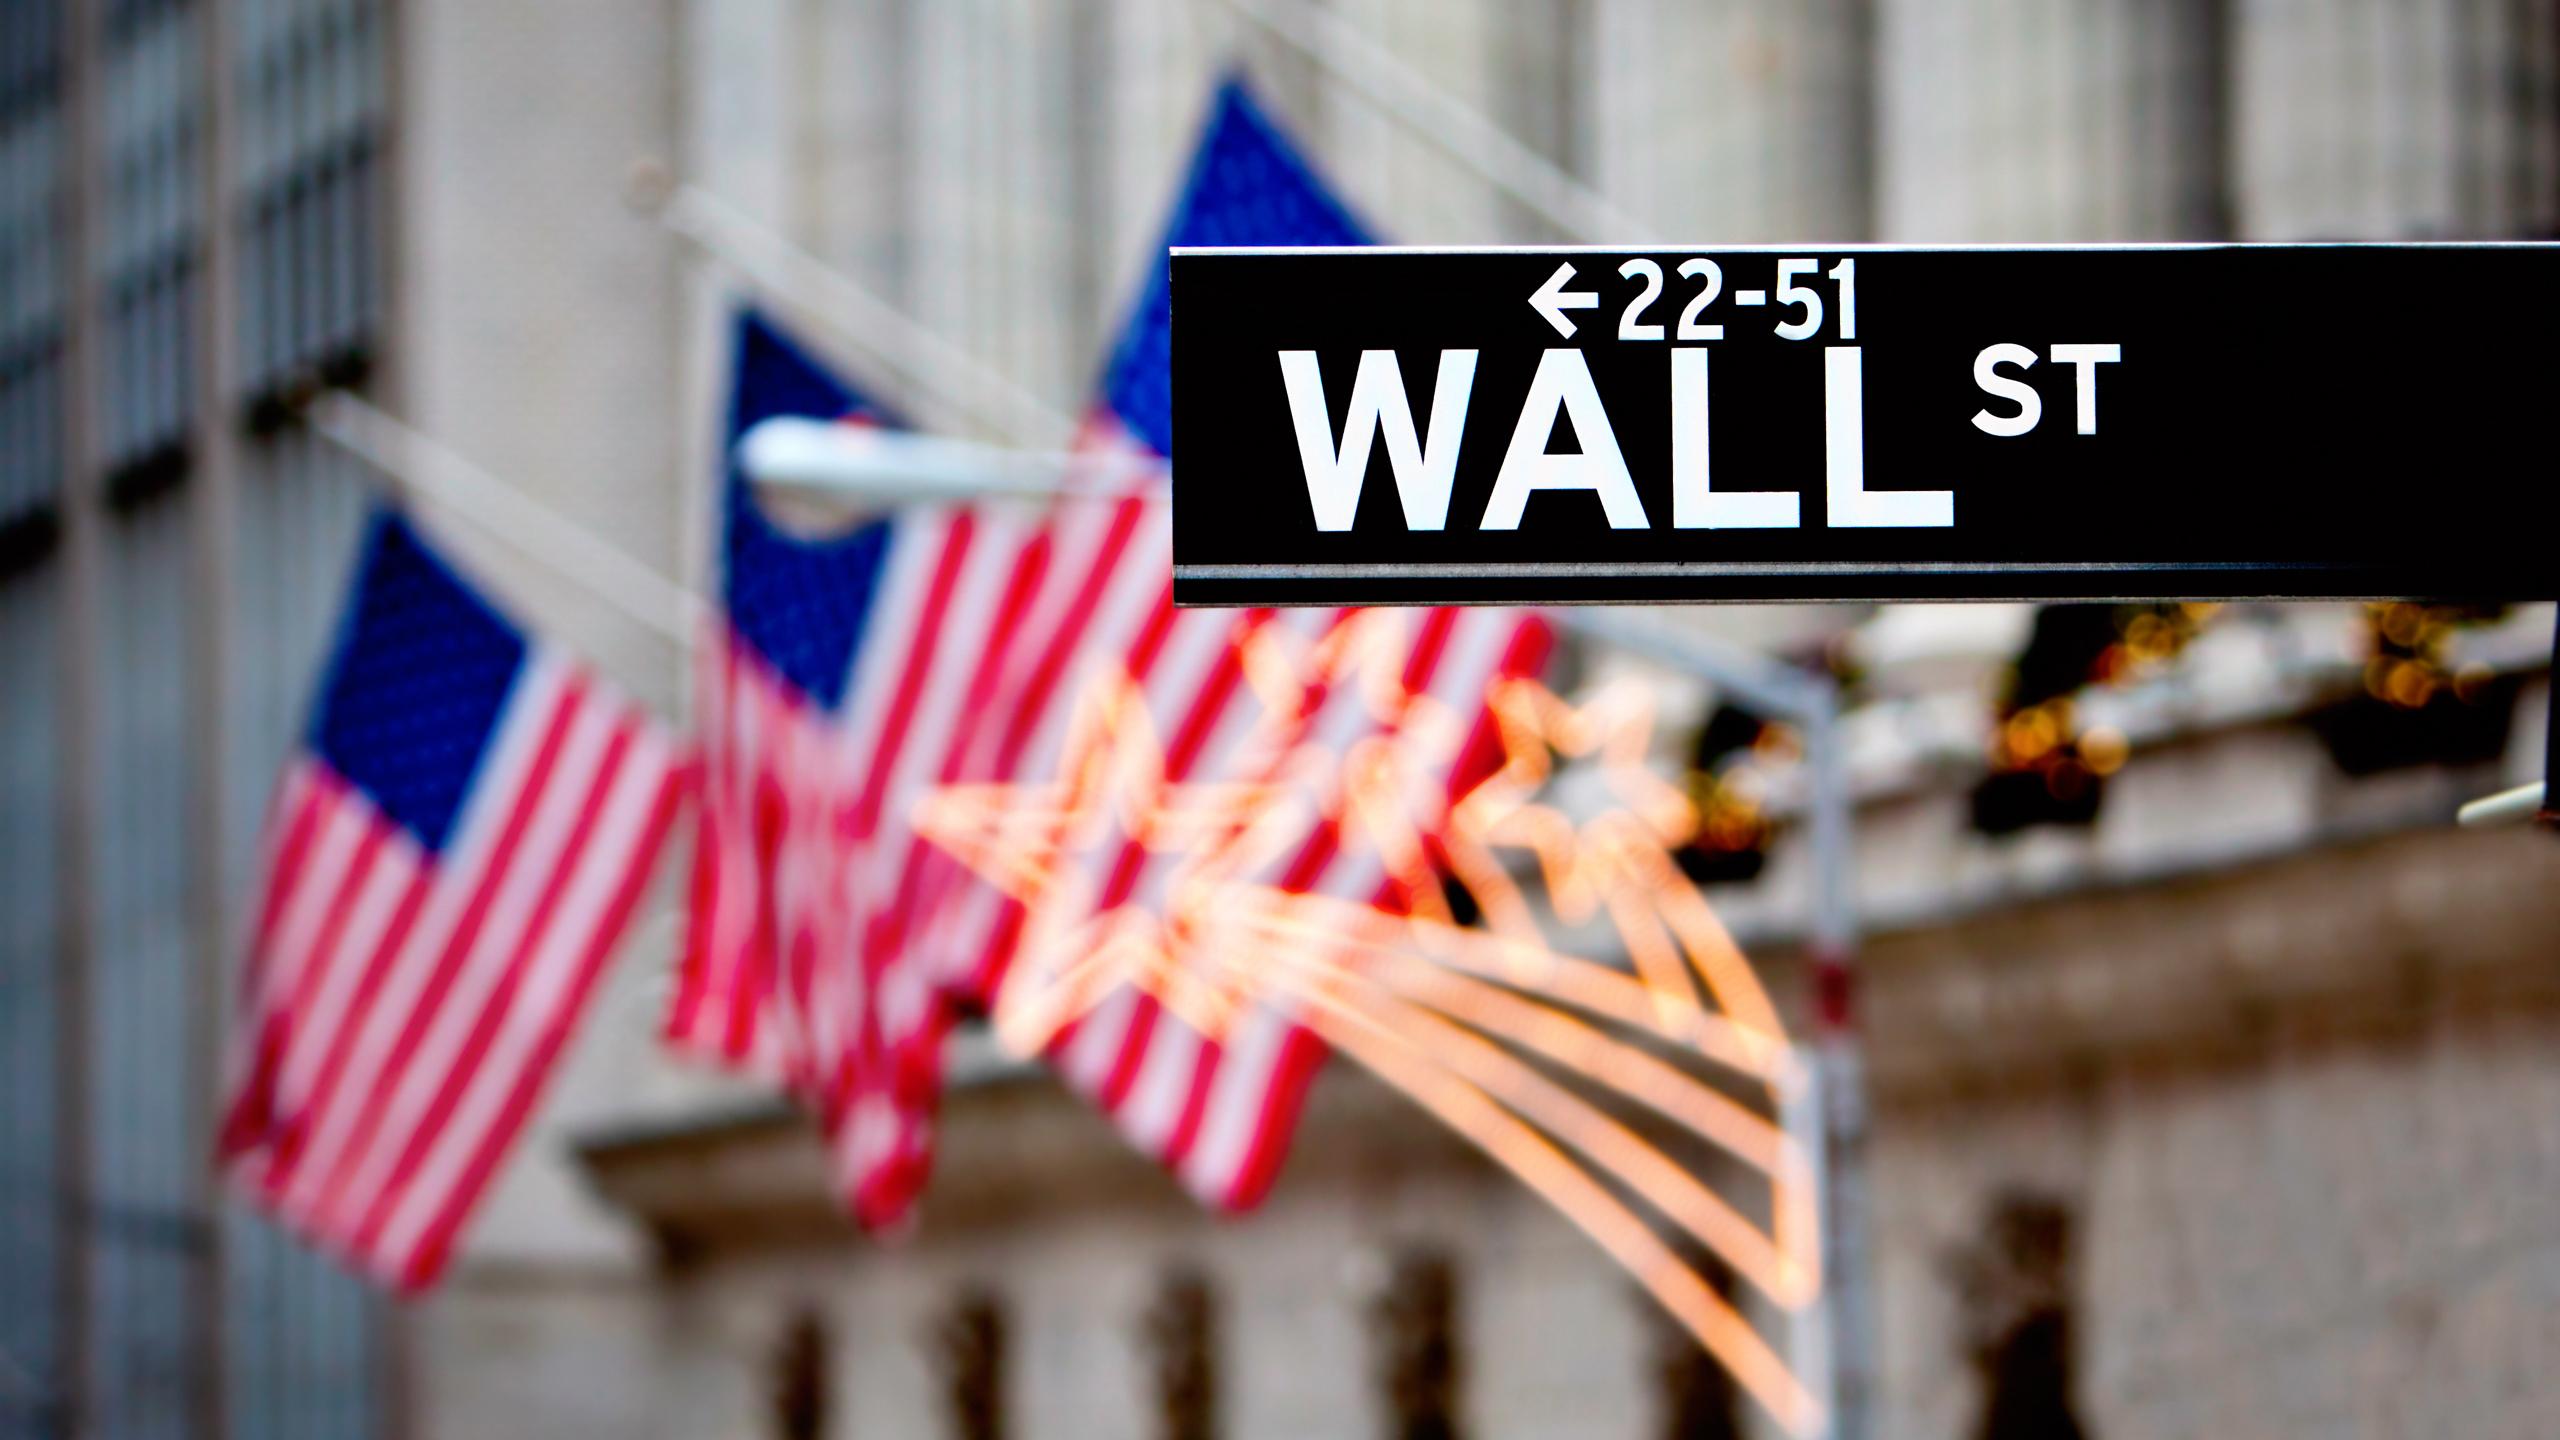 Скачать обои america, нью-йорк, знаки, flags, америка, символы, bokeh wallpapers, states, фондовая биржа, уолл стрит